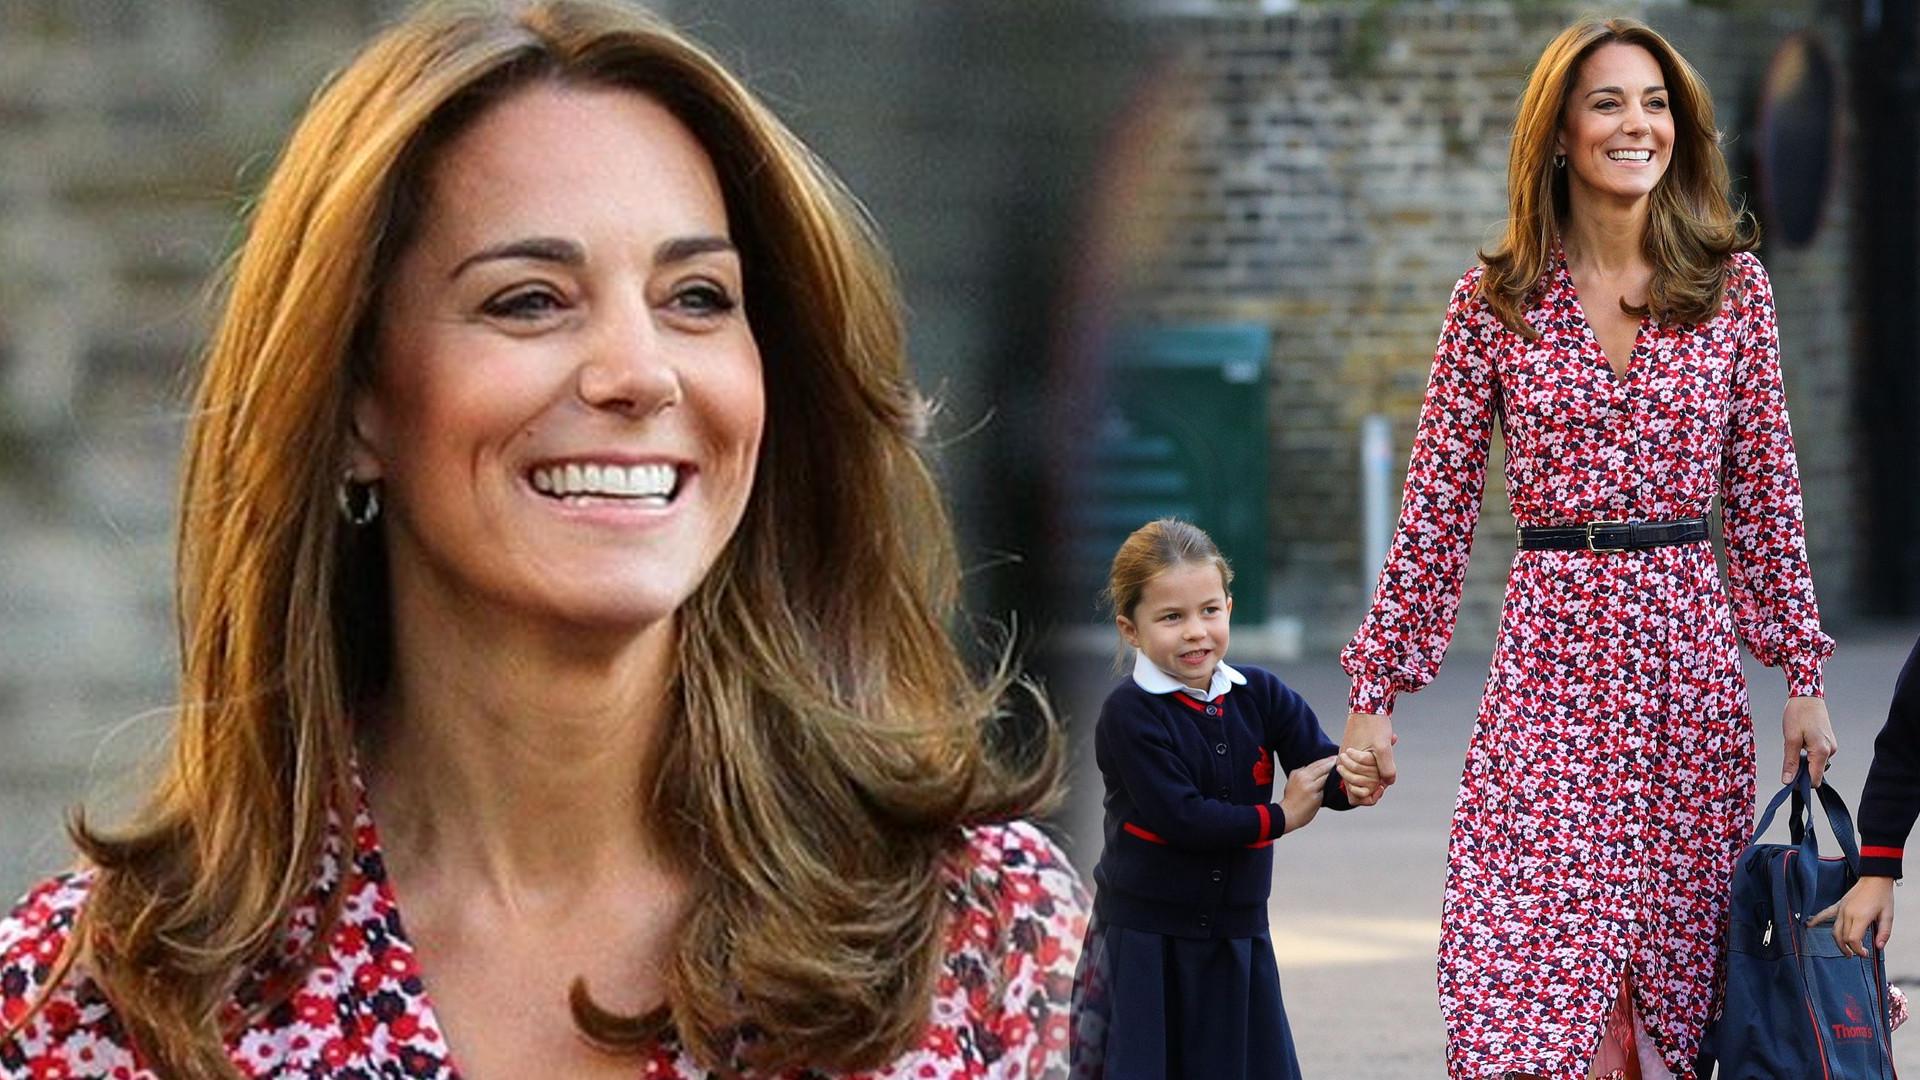 Księżna Kate wcale nie jest najbardziej interesującą kobietą w szkole George'a i Charlotte